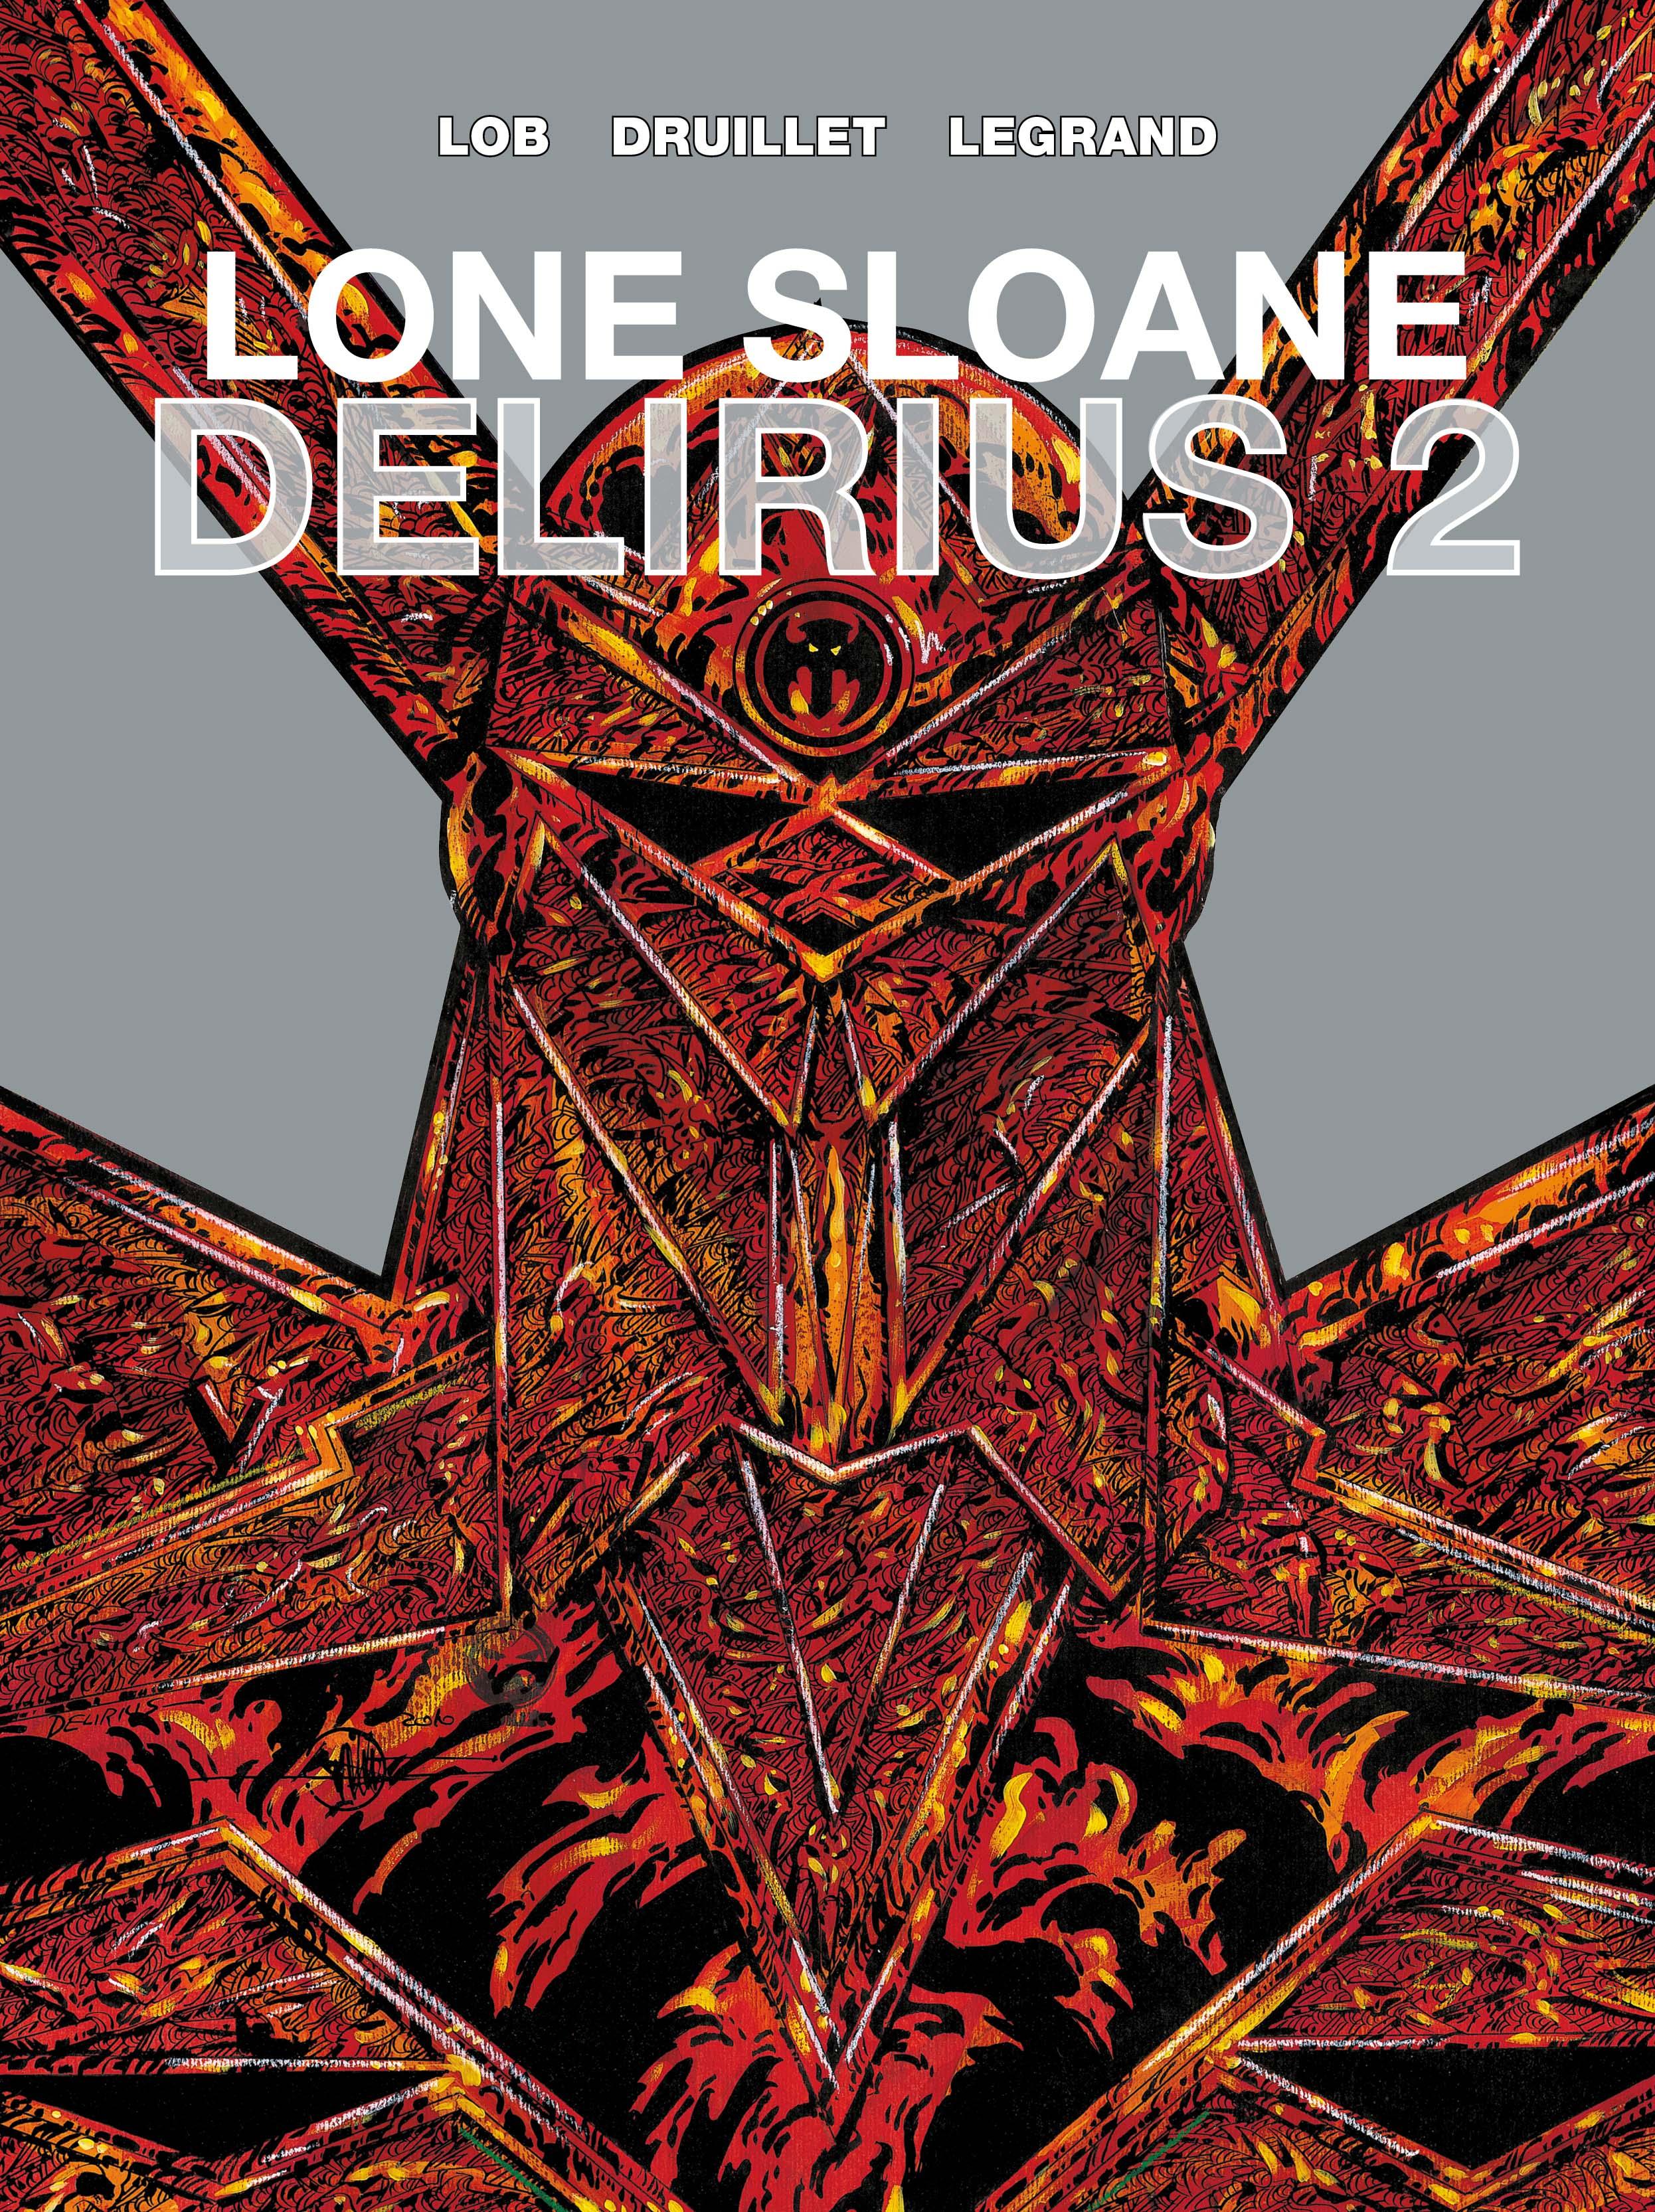 Lone Sloane: Delirius 2 Cover